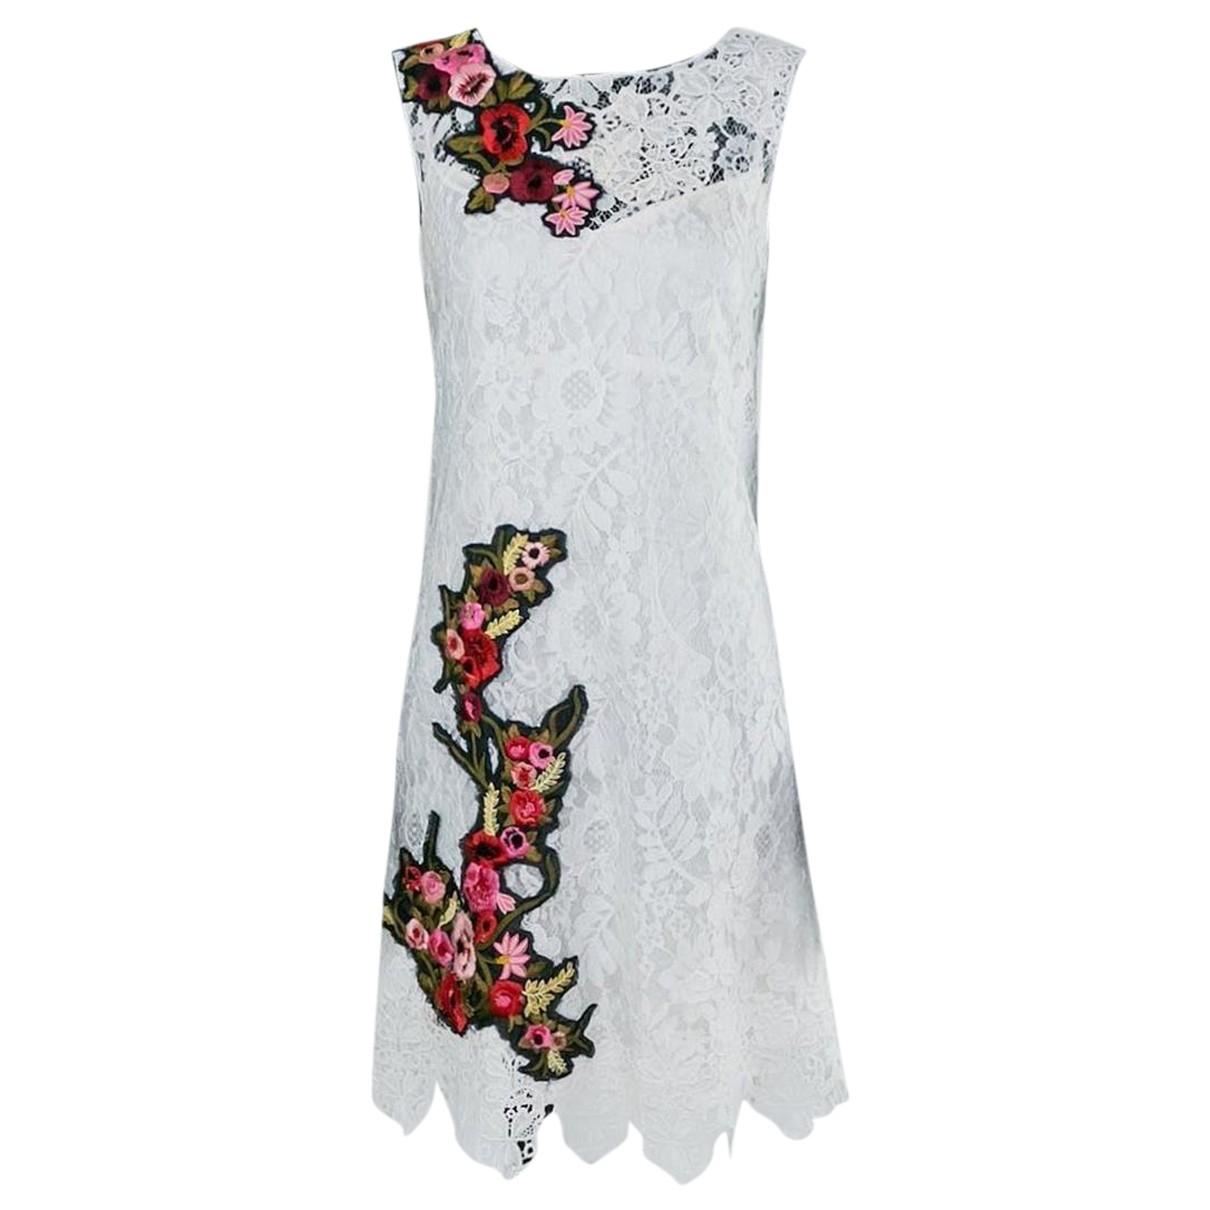 Dolce & Gabbana \N Kleid in  Weiss Polyester